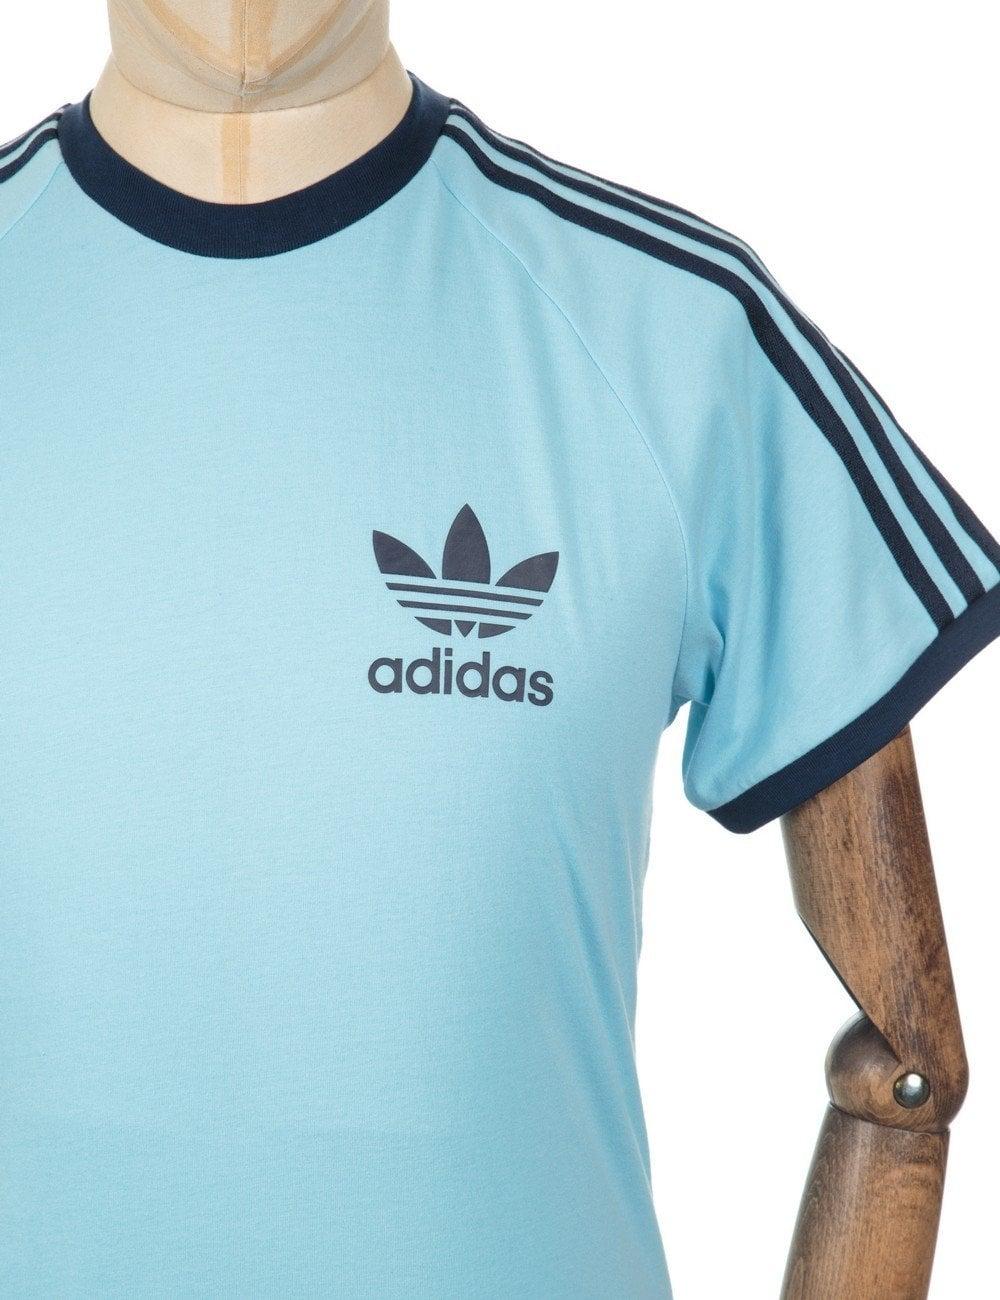 Adidas Originals Retro Trefoil Logo T Shirt Blush Blue